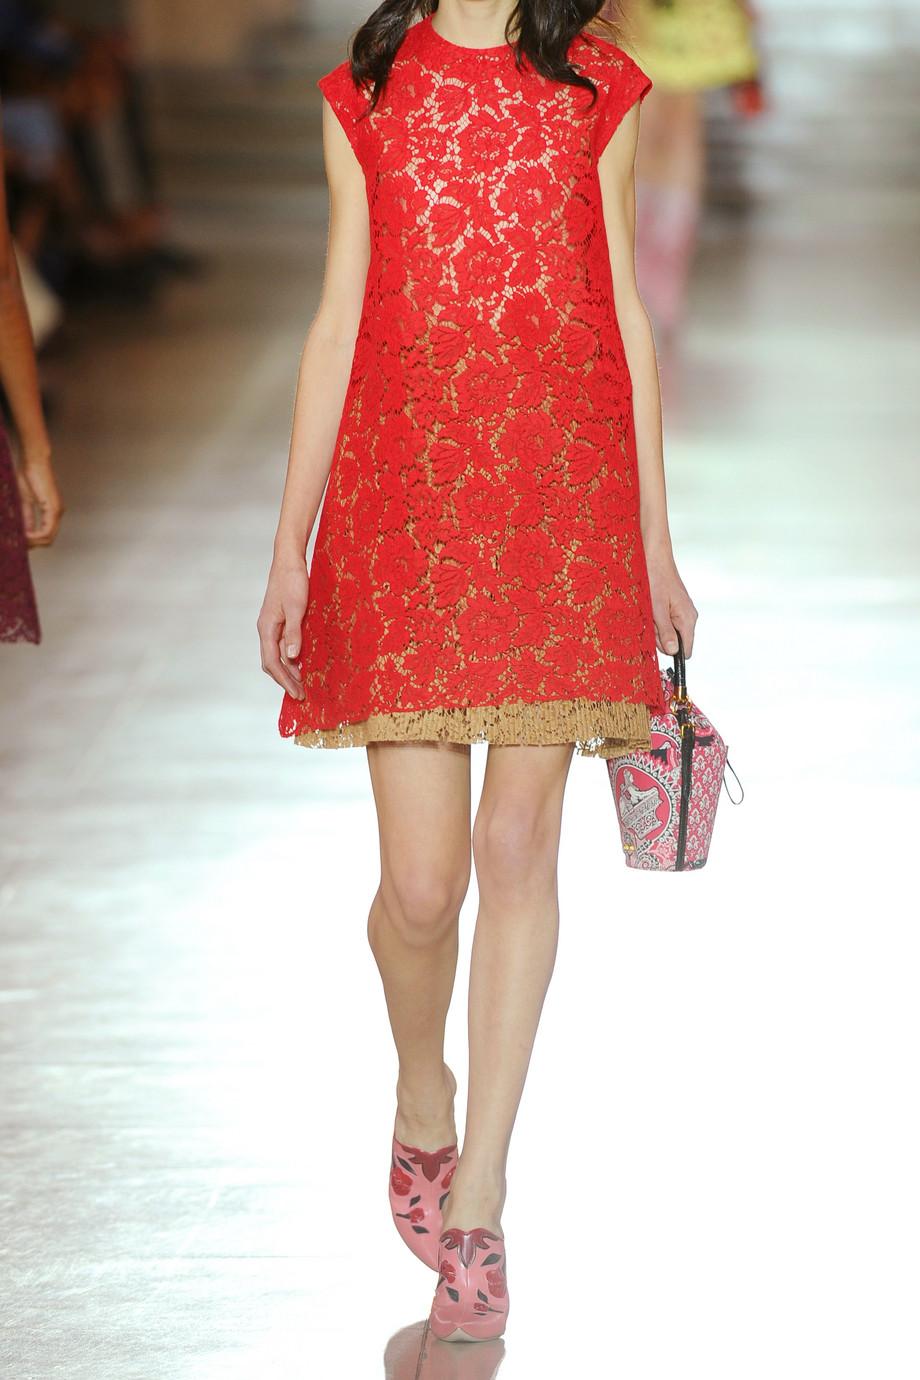 Floral lace dress Miu Miu 5brj3vp